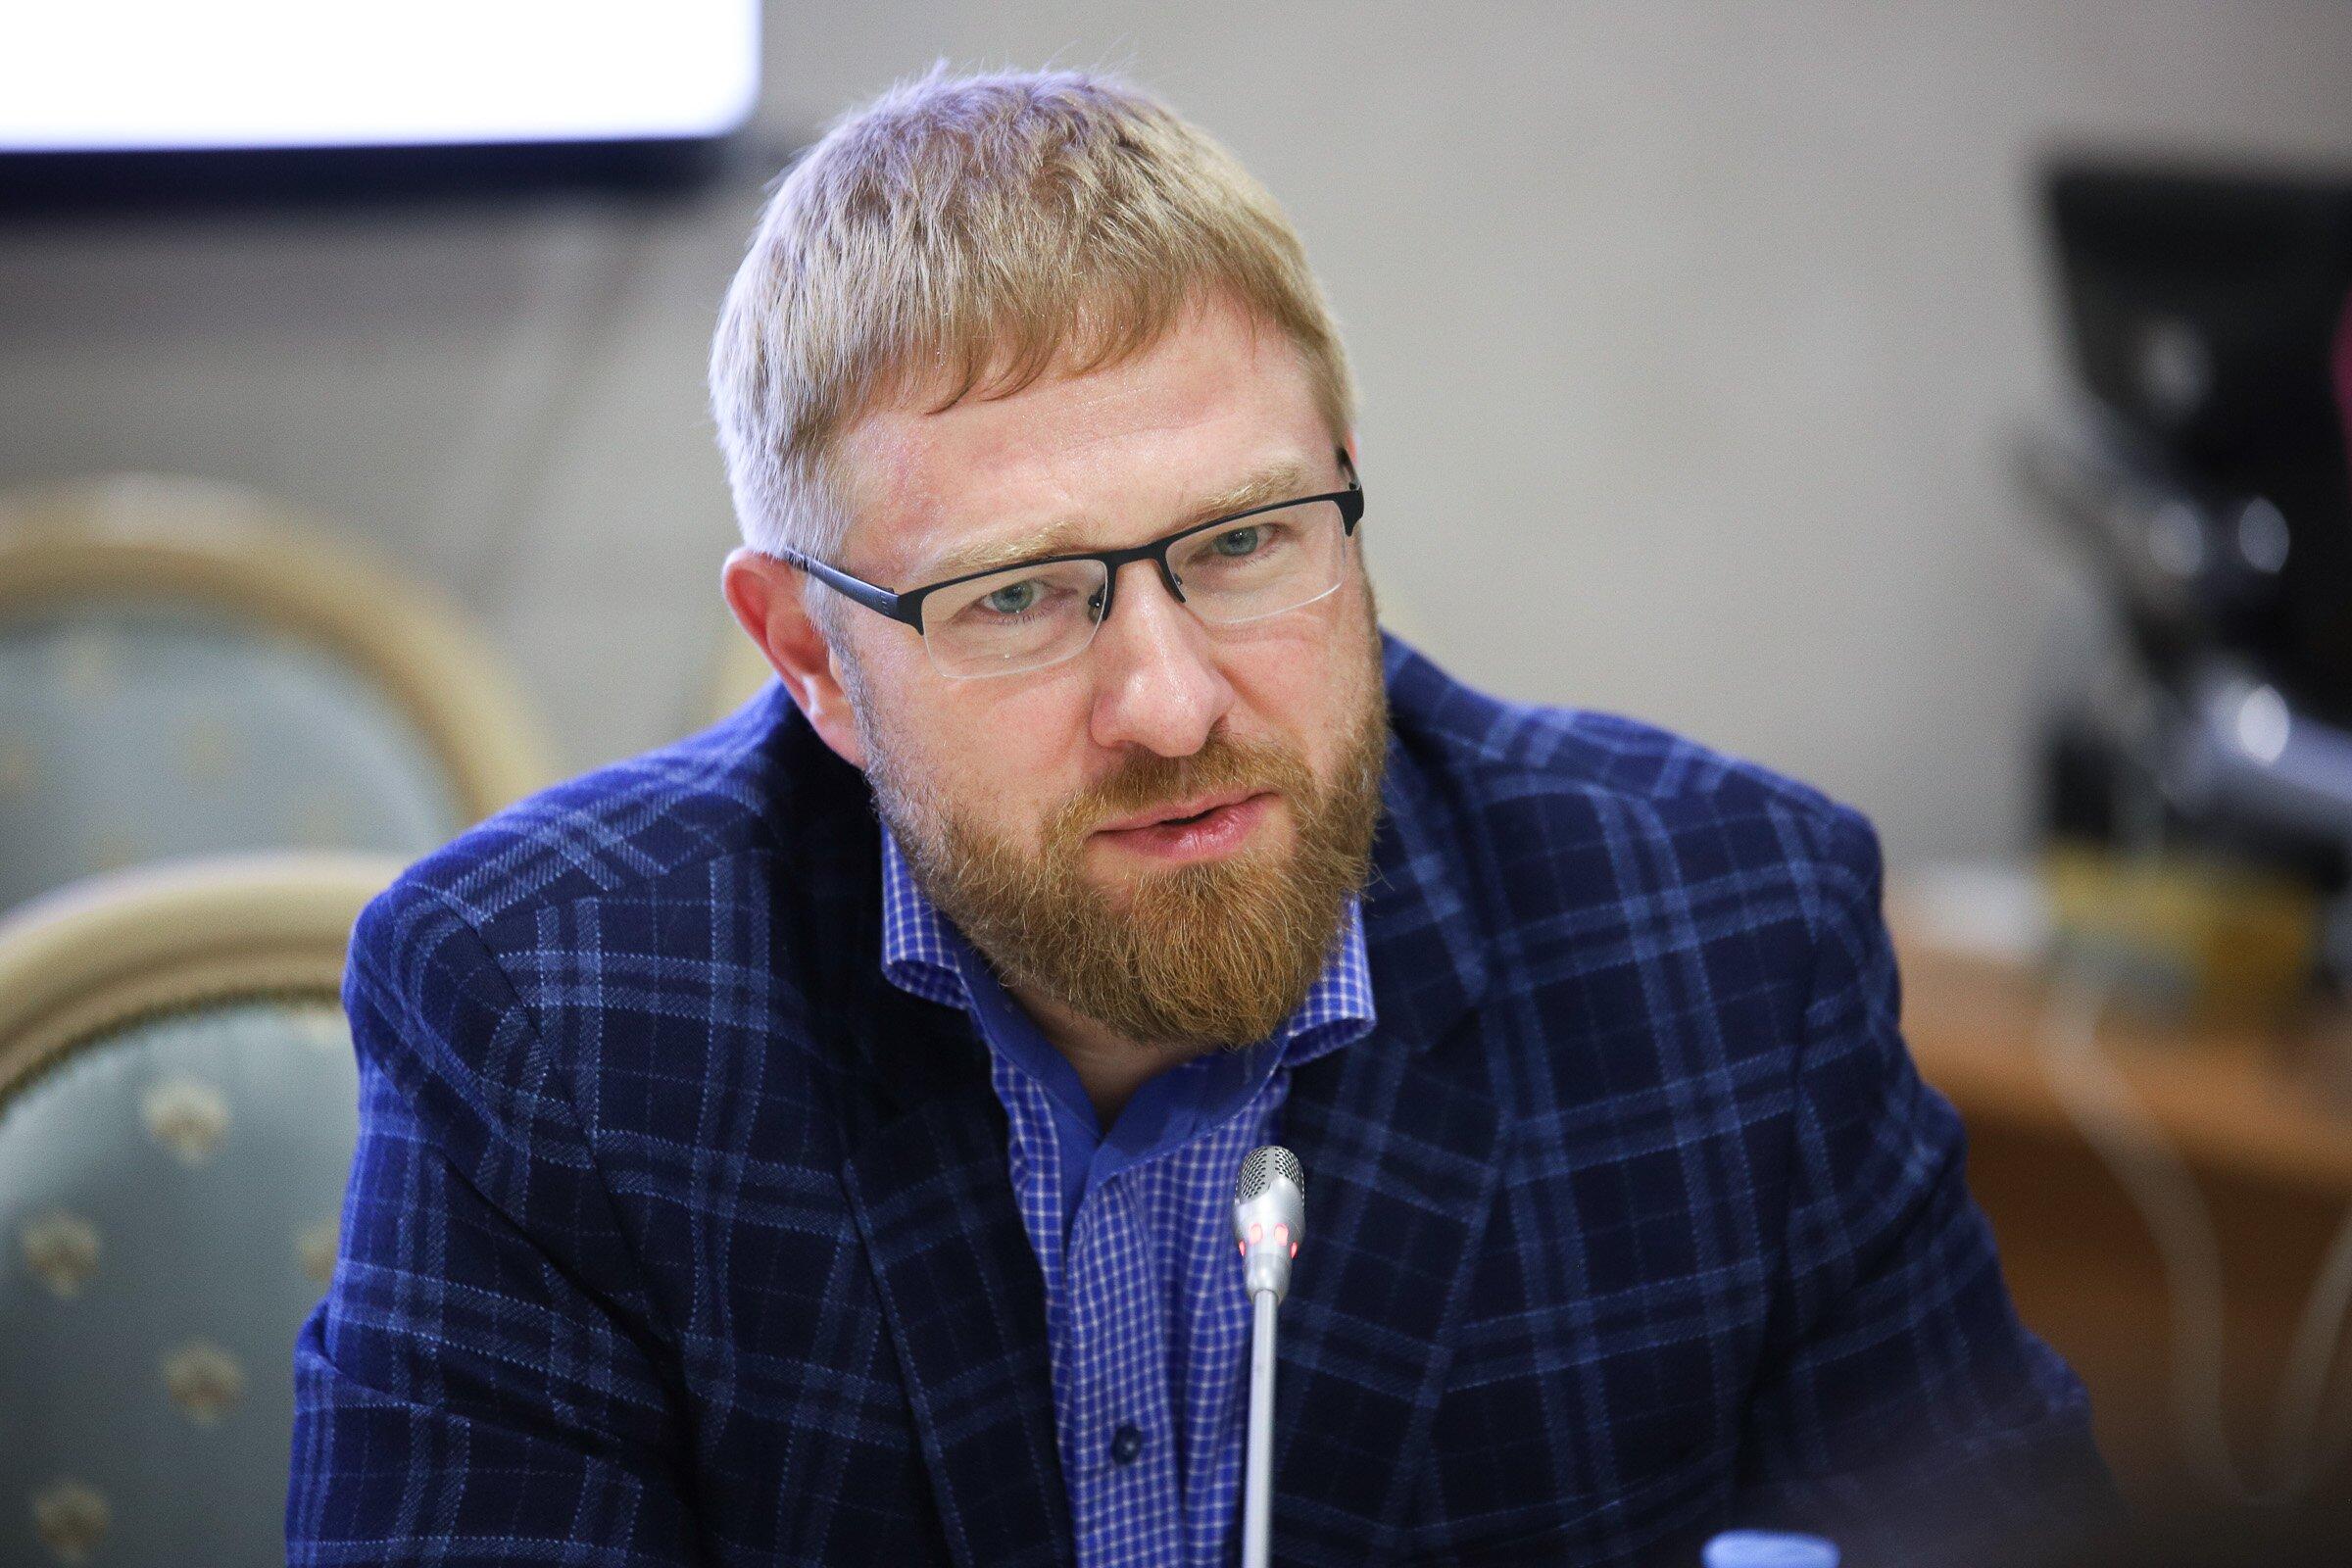 Малькевич пристыдил ООН за одобрение кандидатуры Фатхи Башаги на должность премьер-министра